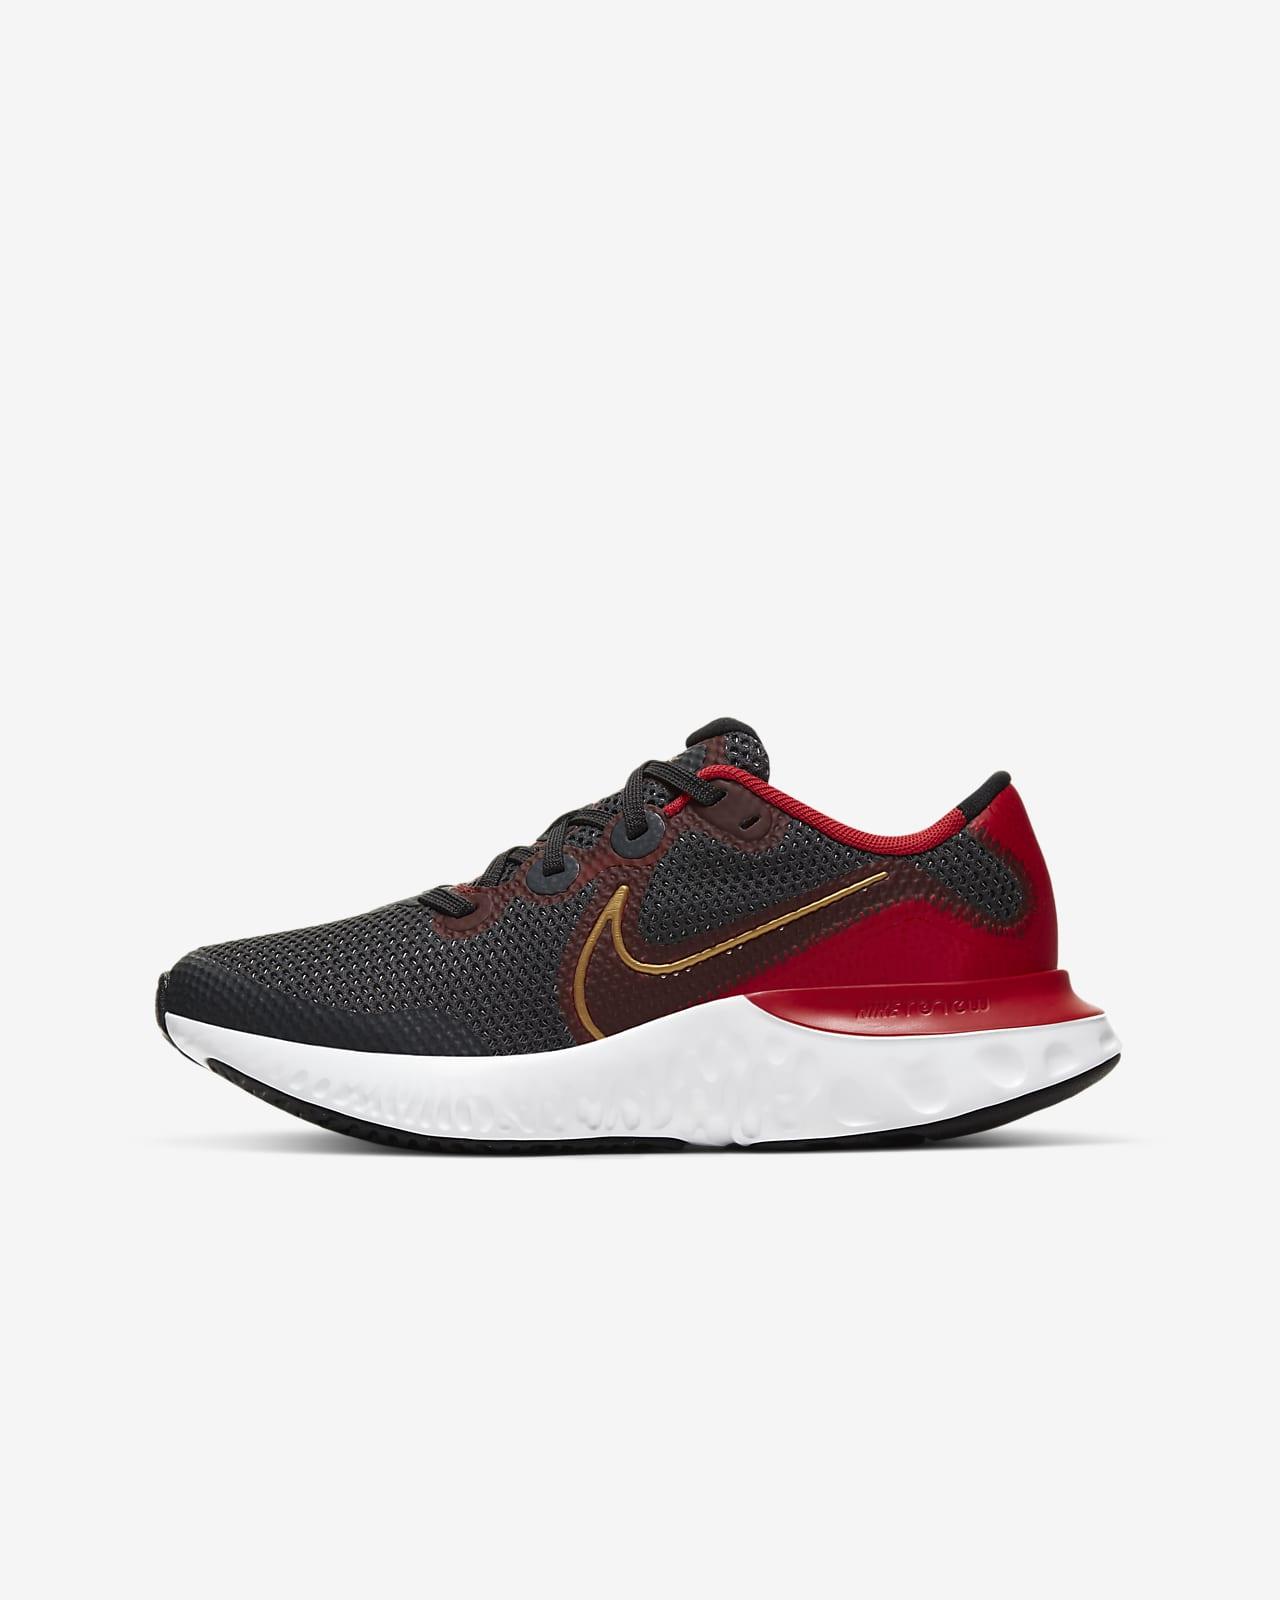 Nike Renew Run Hardloopschoen voor kids